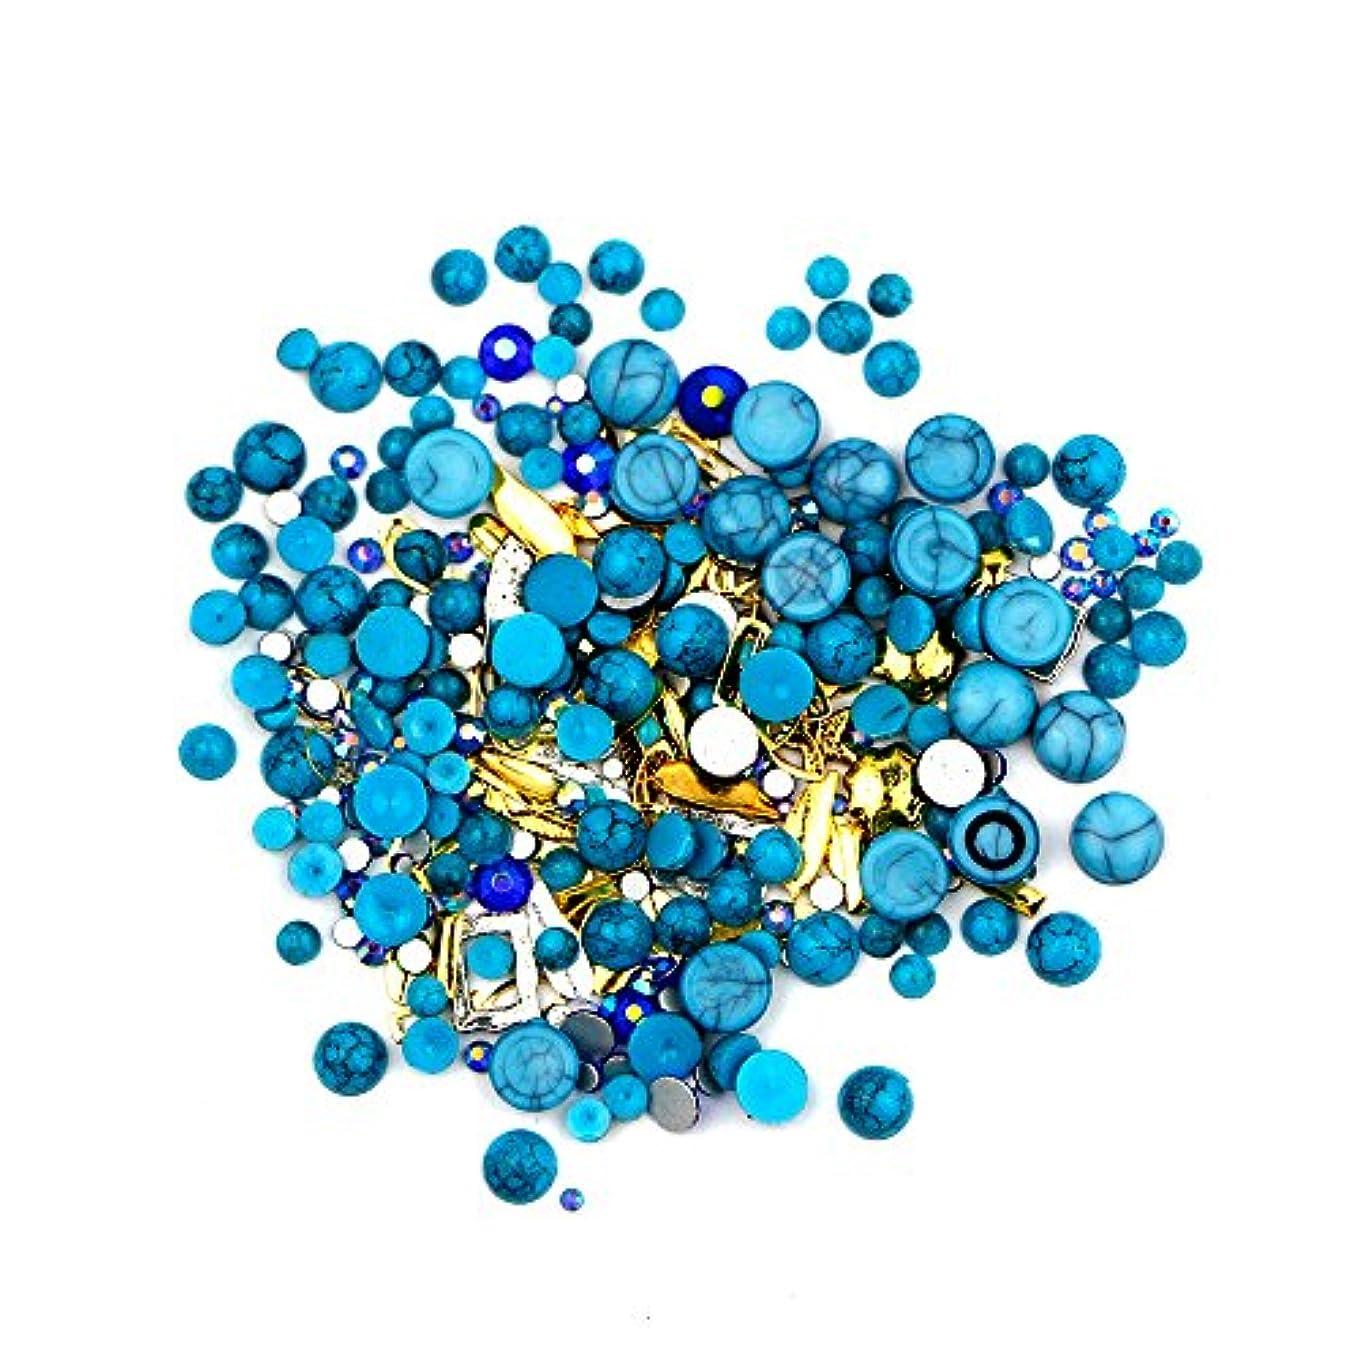 パック私奇跡ネイルアート カラフルネイルパール ネイルセット ネイル3Dデコレーション ネイル用ストーン 多種類